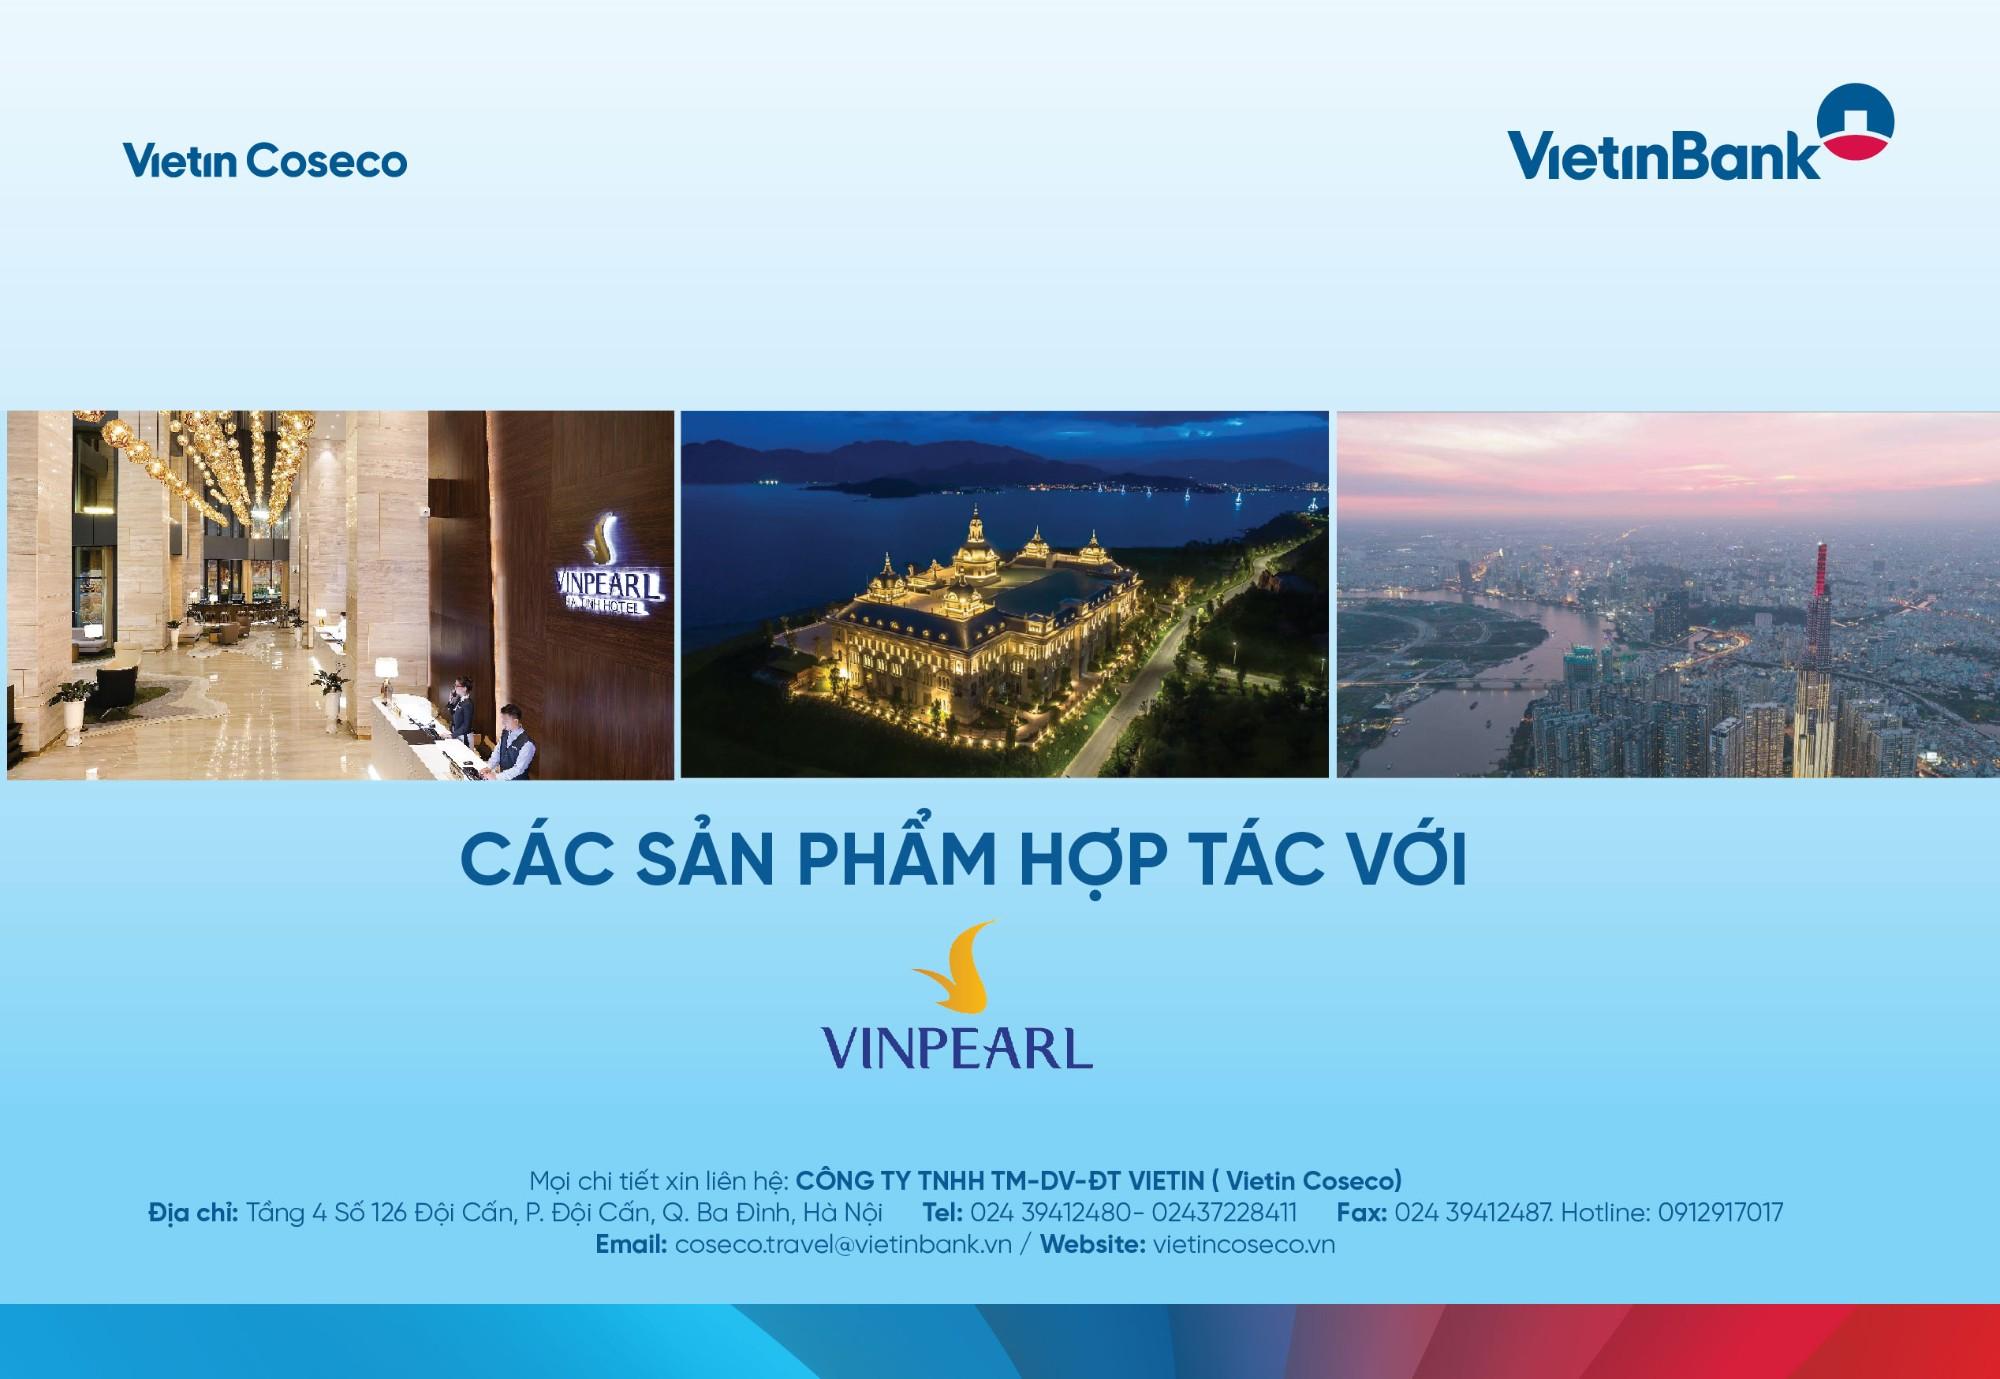 Vietin Coseco cho ra mắt các sản phẩm hợp tác với Vinpearl